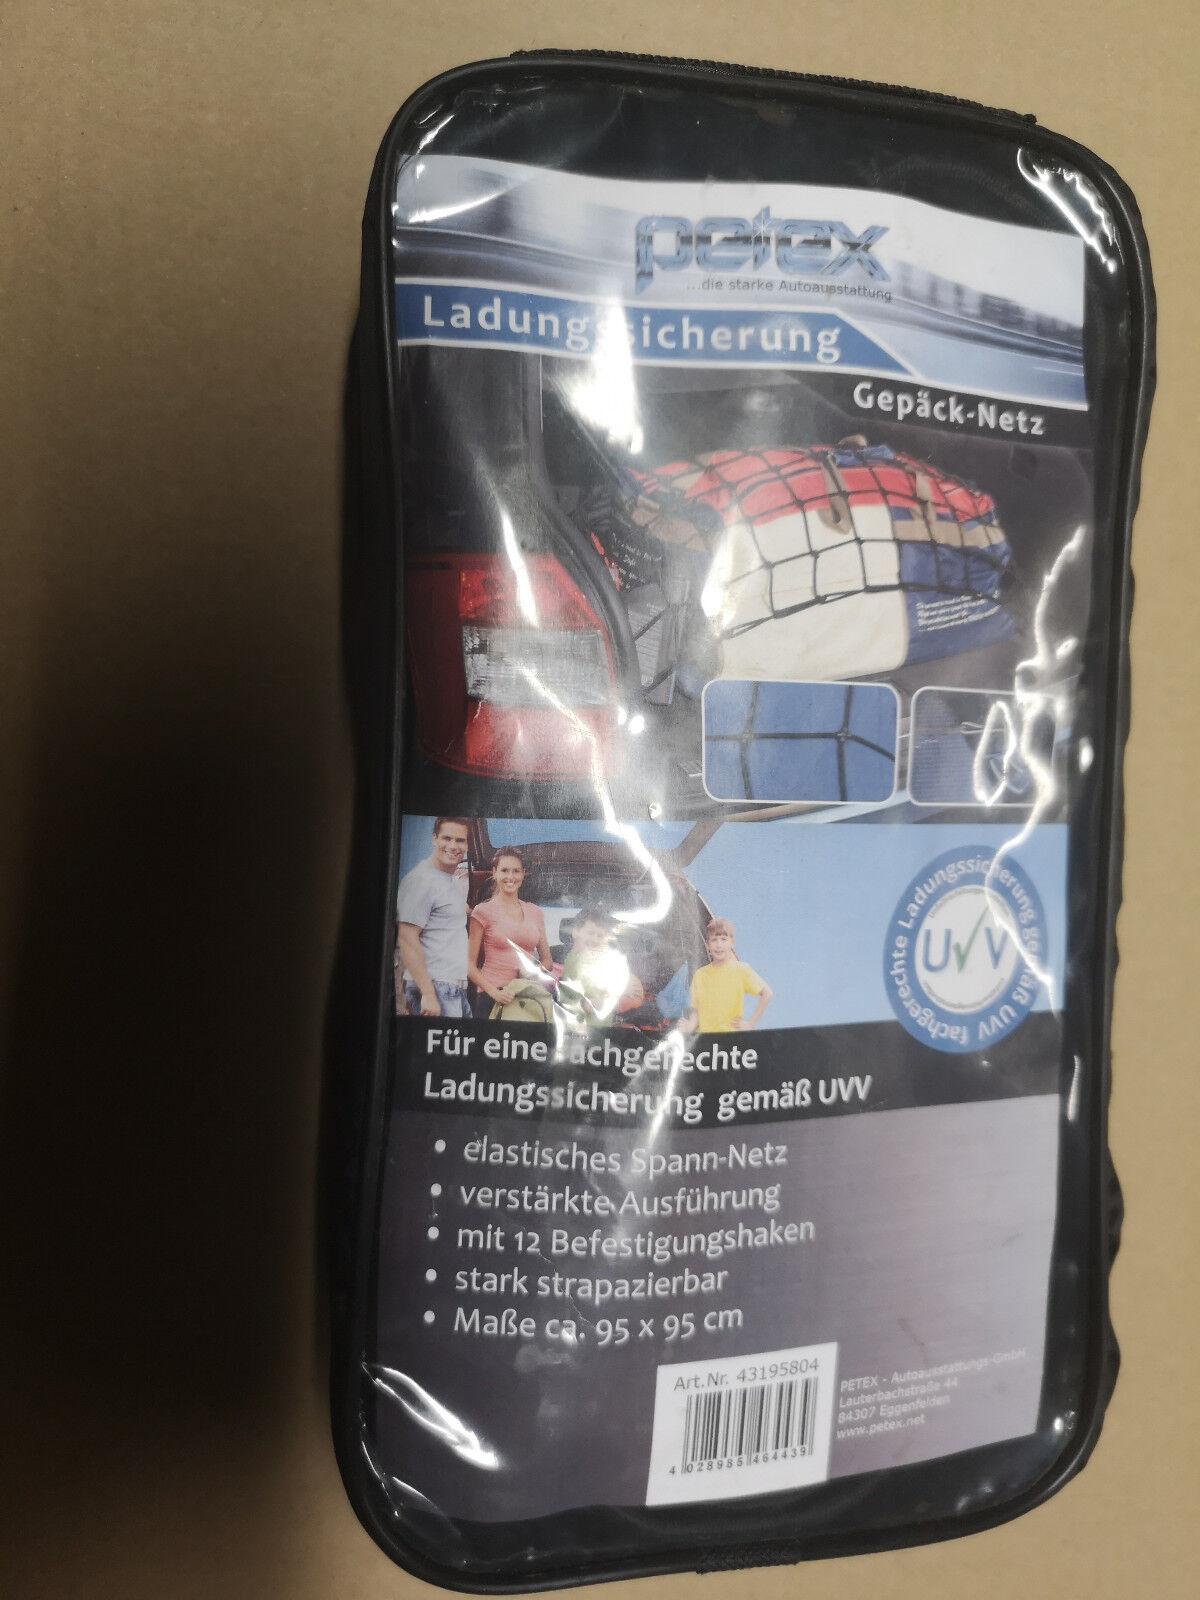 Petex Gepäck-Netz Ladungssicherung 95 x 95 cm Kofferraumnetz Transportnetz